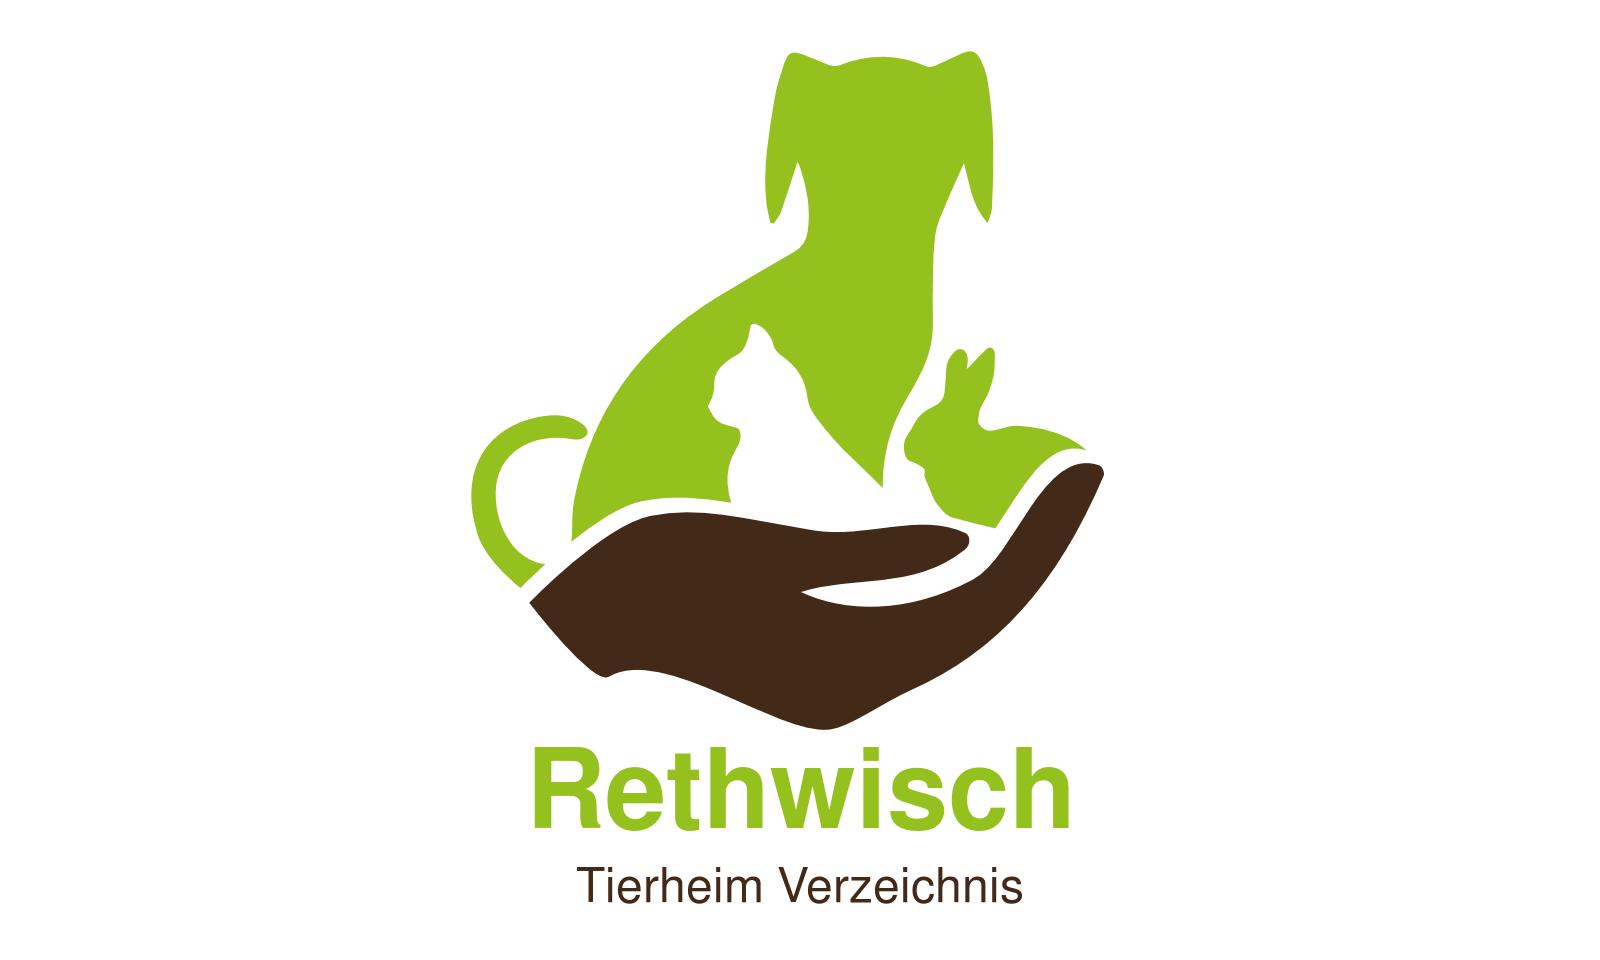 Tierheim Rethwisch